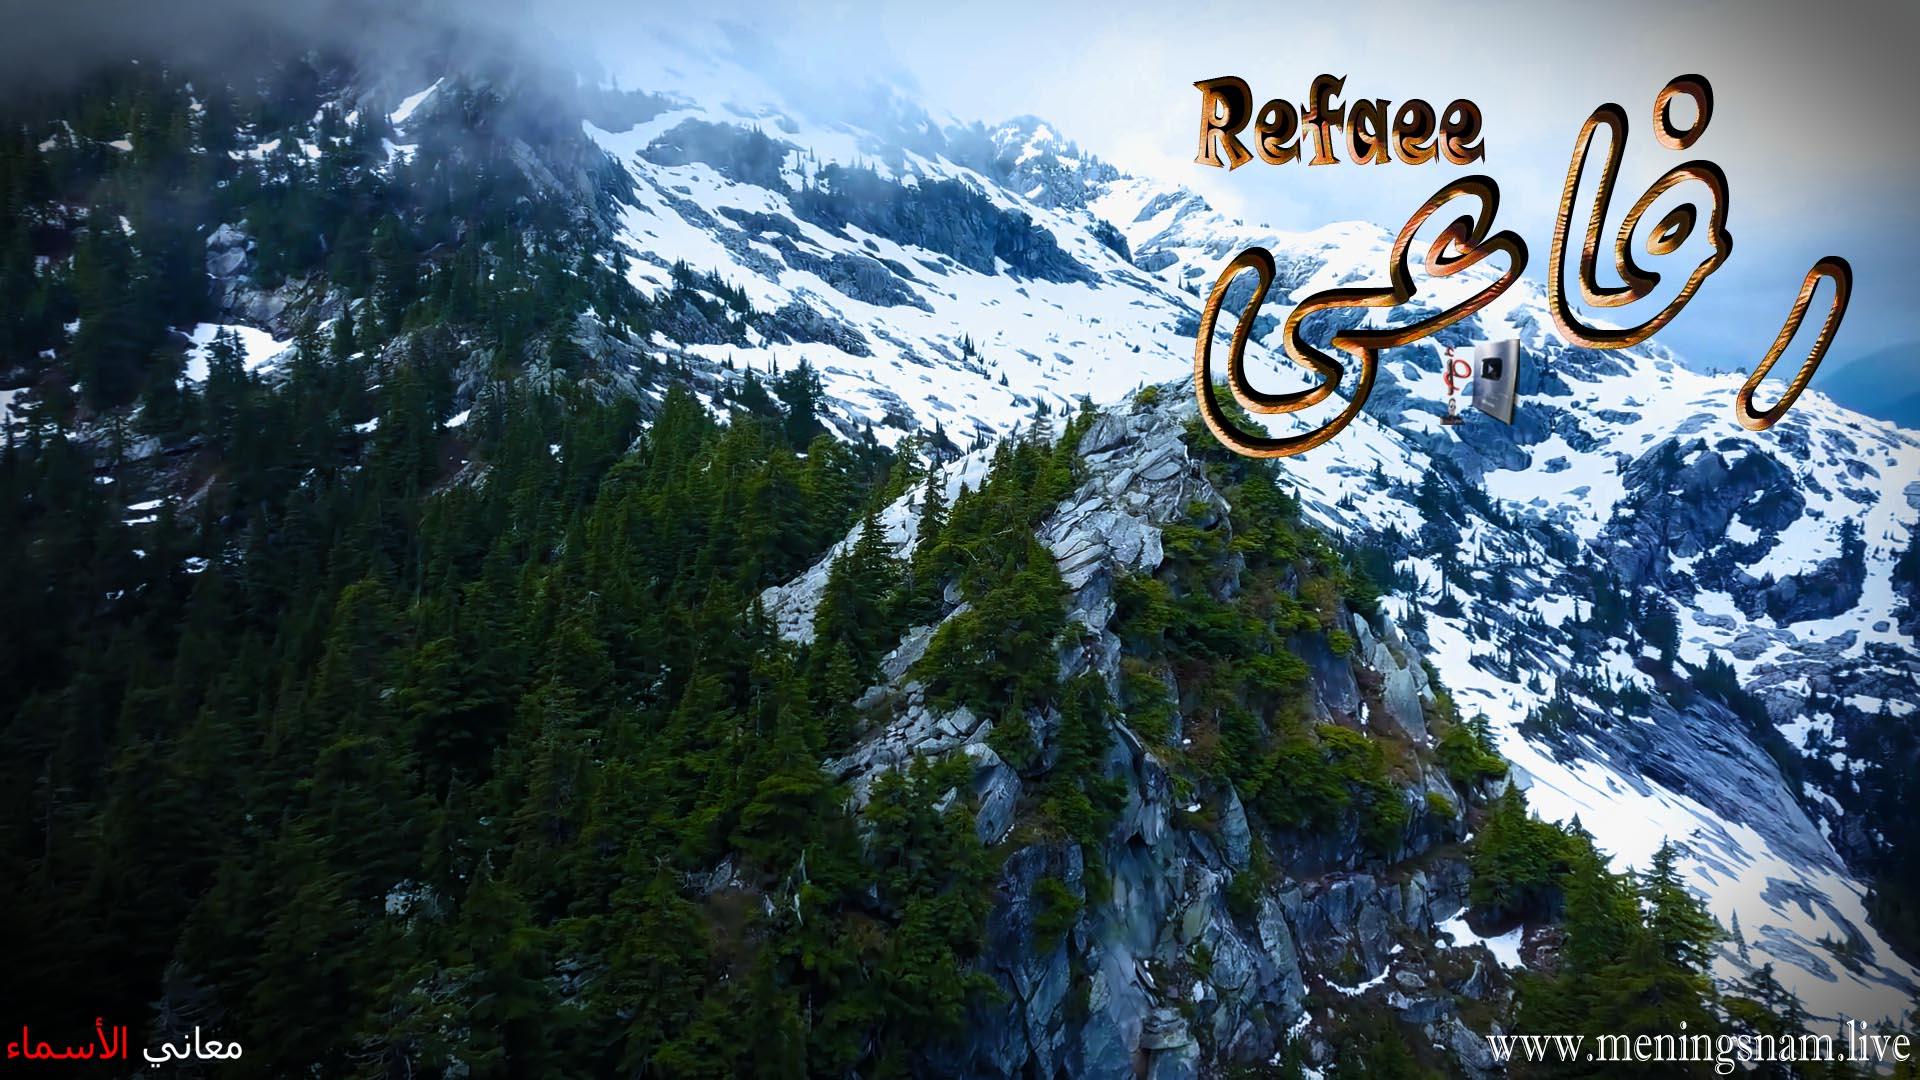 معنى اسم رفاعي وصفات حامل هذا الاسم Refaee